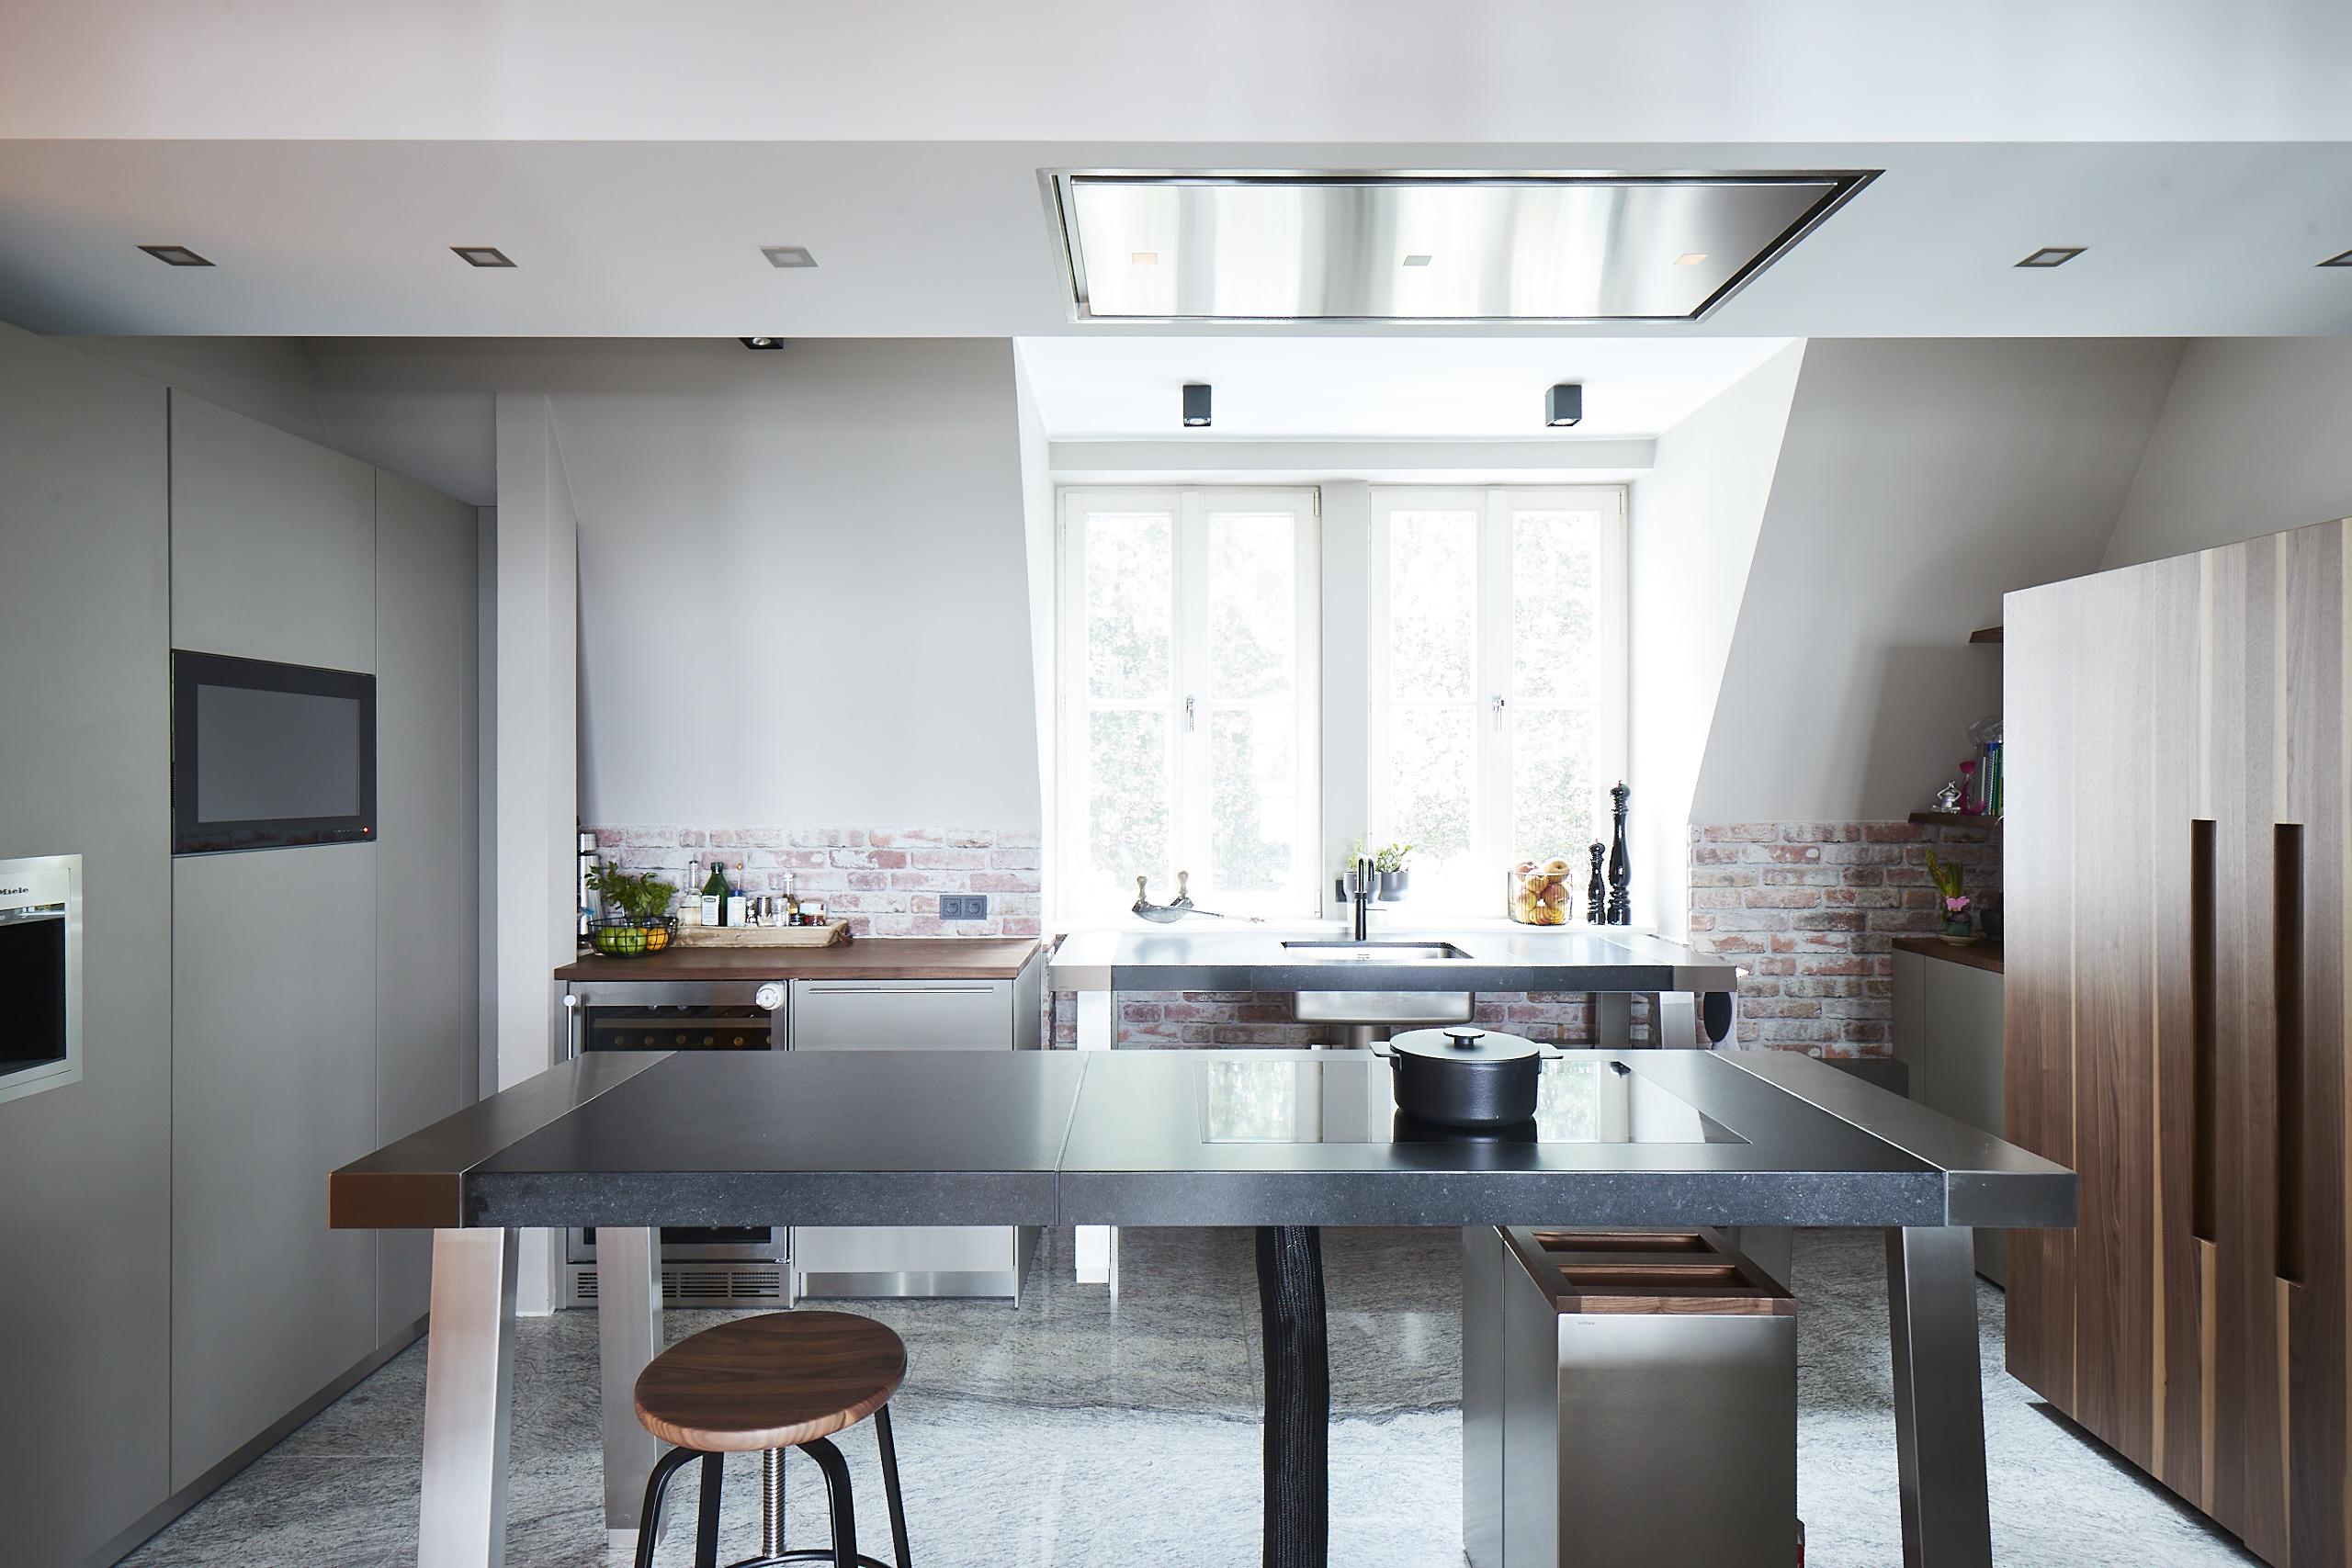 bulthaup in Winterhude - b2 - b3 - Projekt Blankenese - Küchen Atelier Hamburg